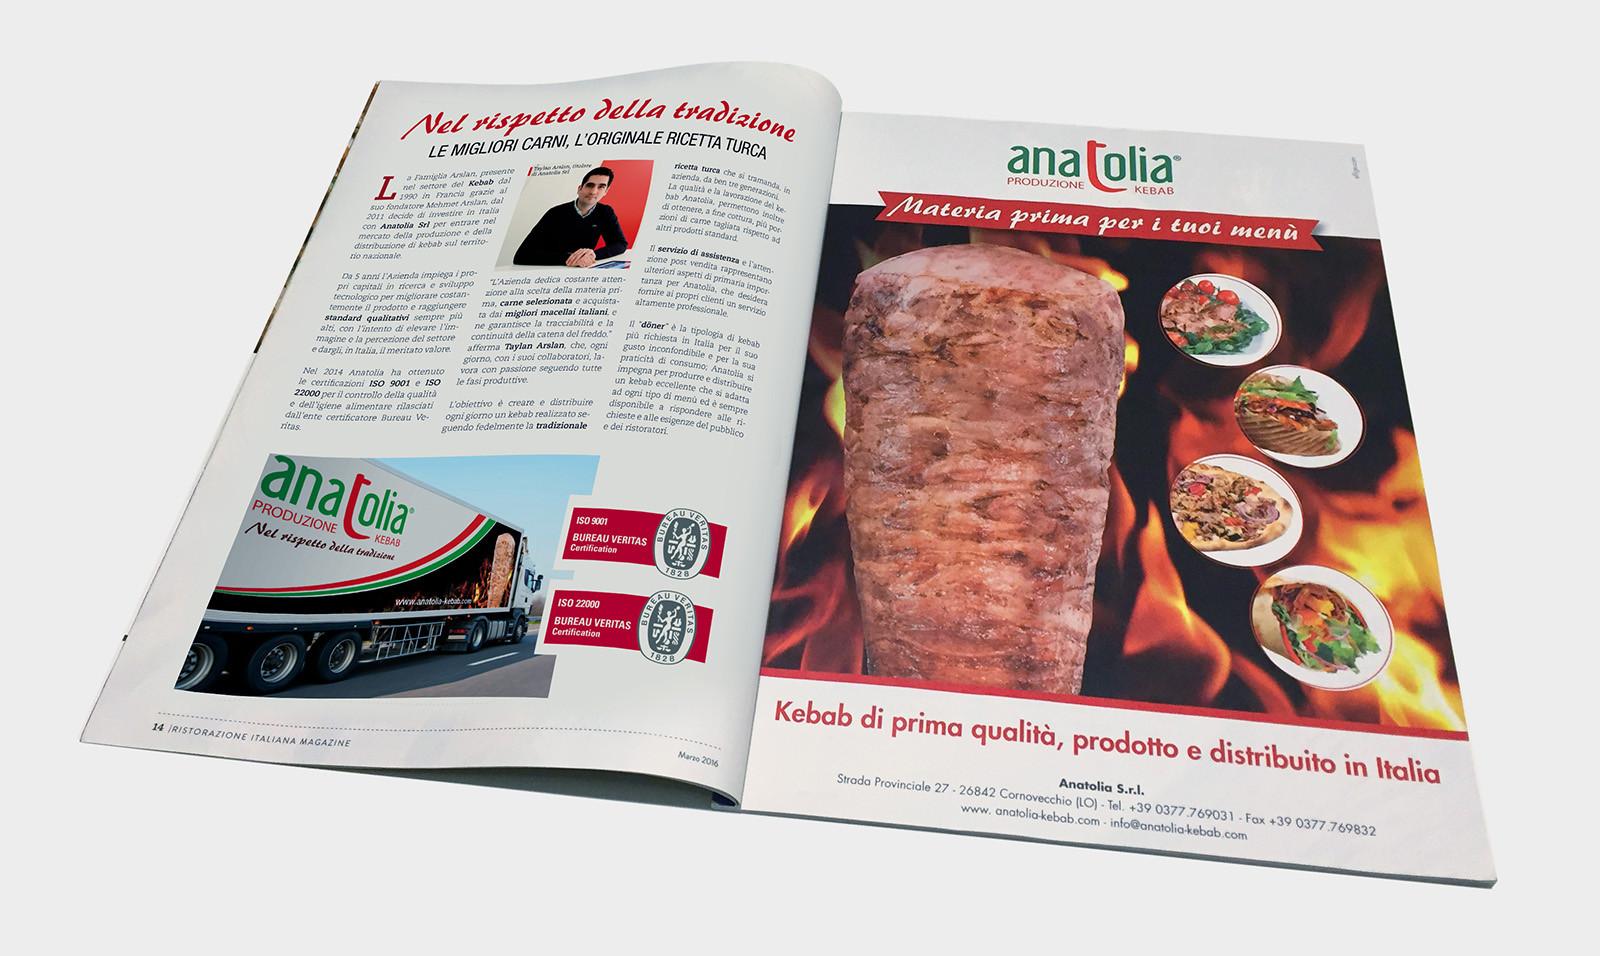 anatolia_publi_red